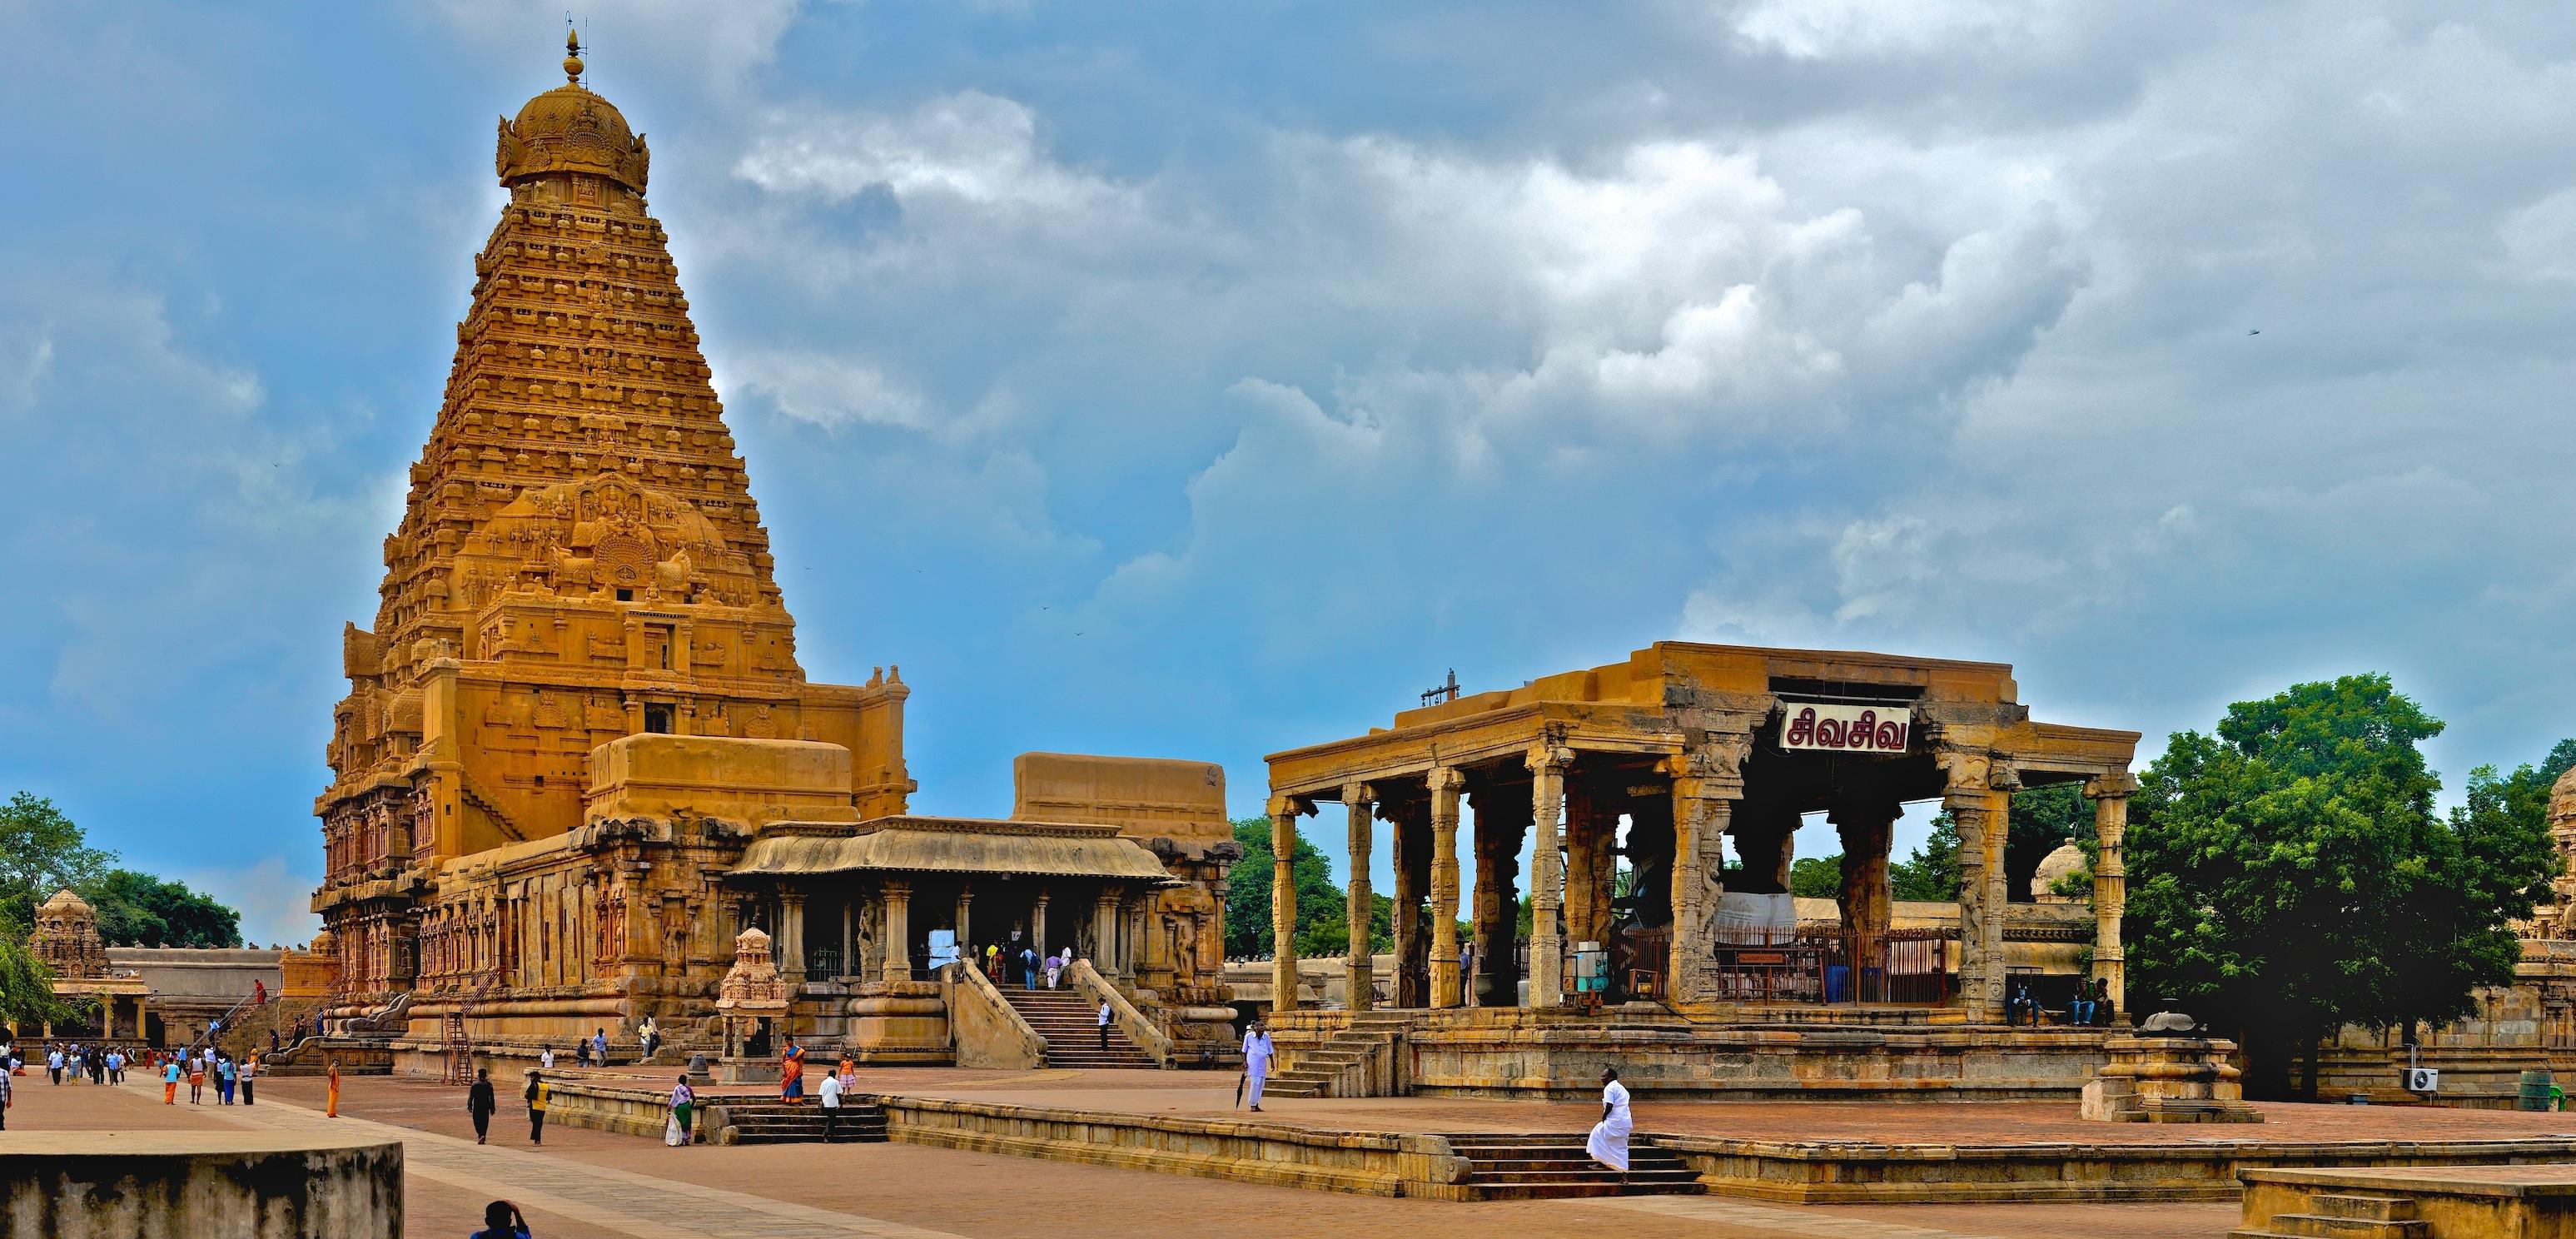 Brihadeeswarar_Temple_Full_View